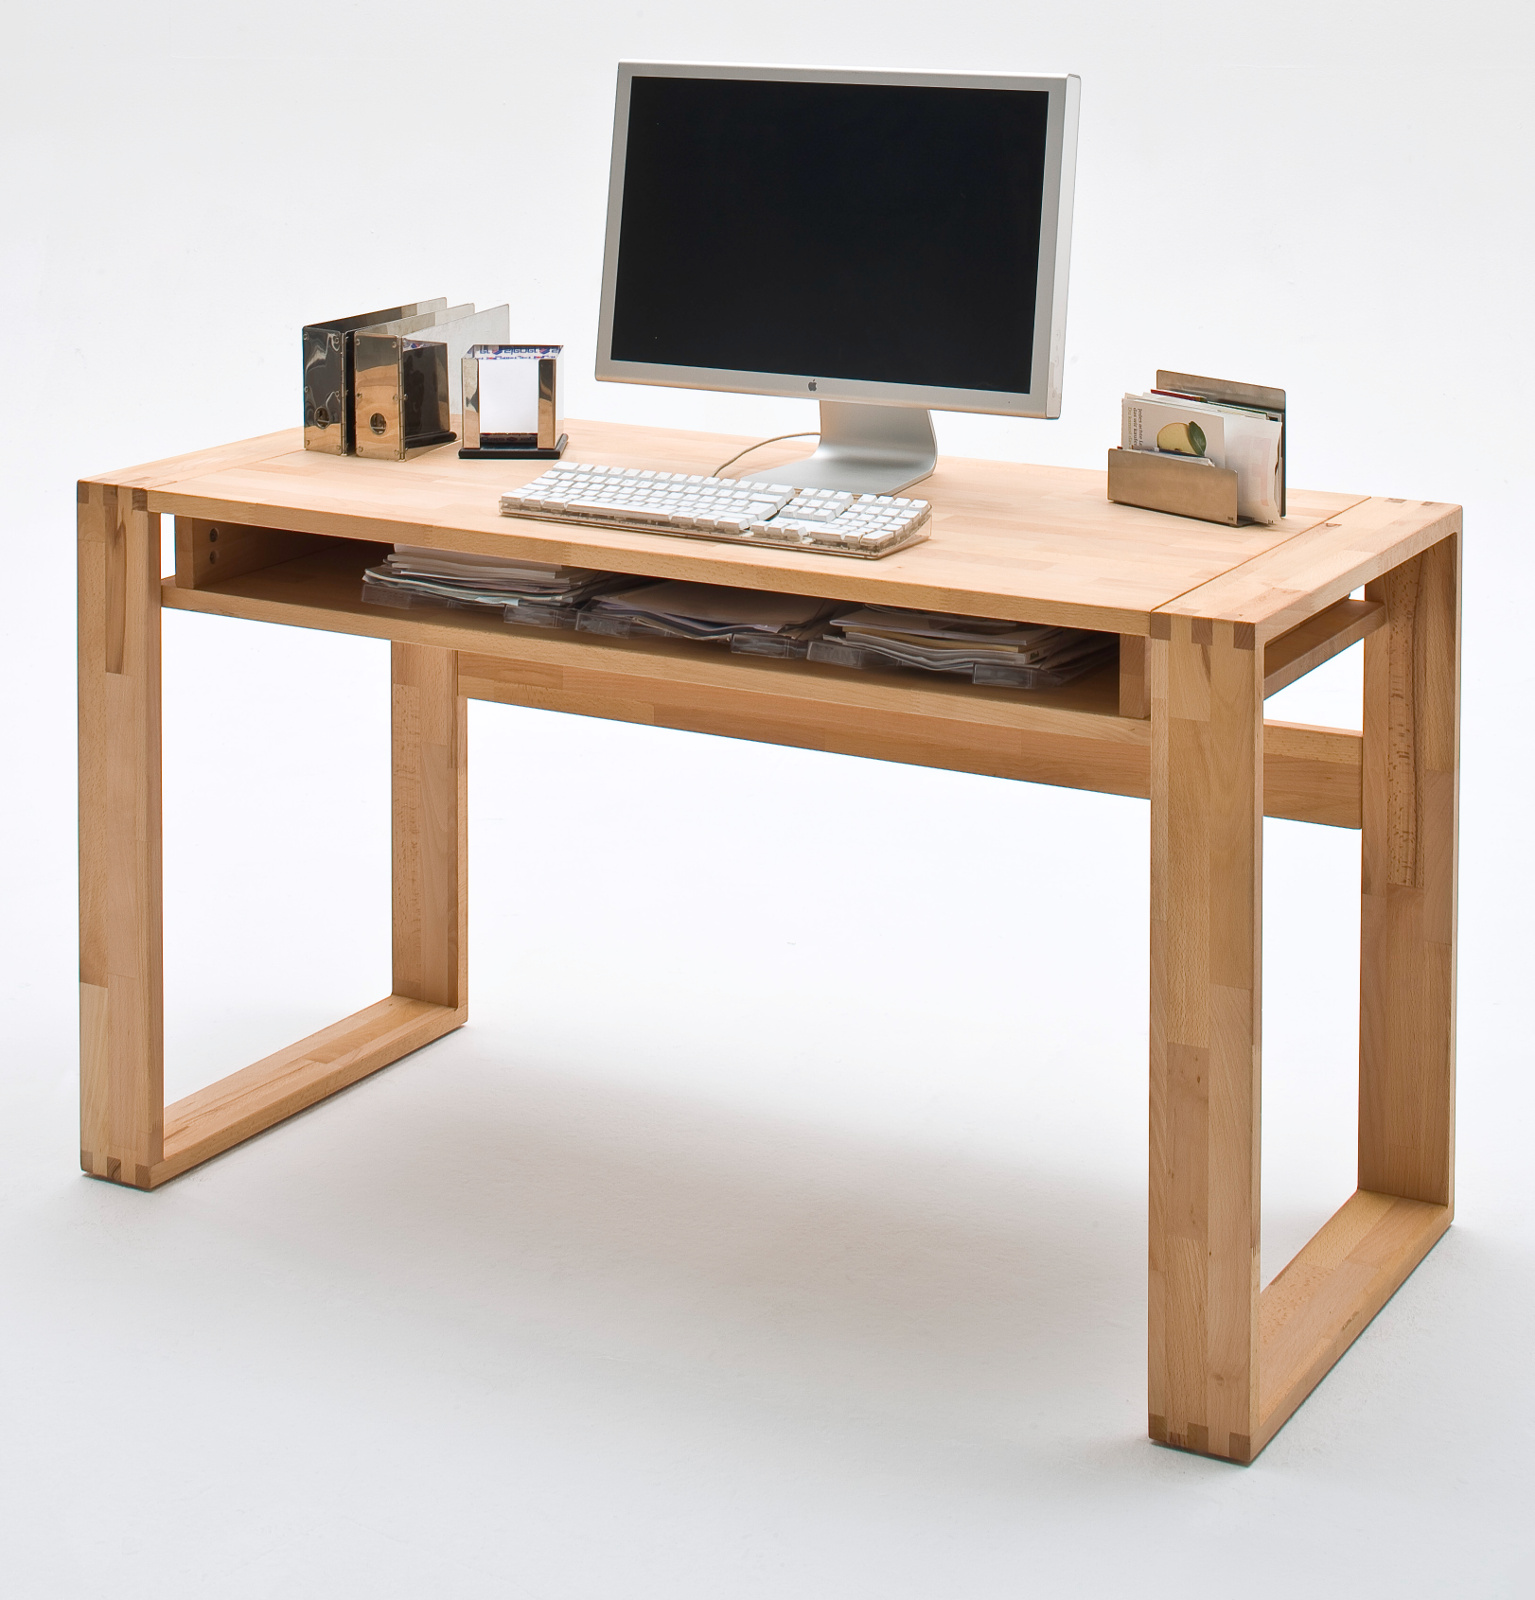 Schreibtisch jasmin kernbuche massiv 135 cm for Schreibtisch kernbuche